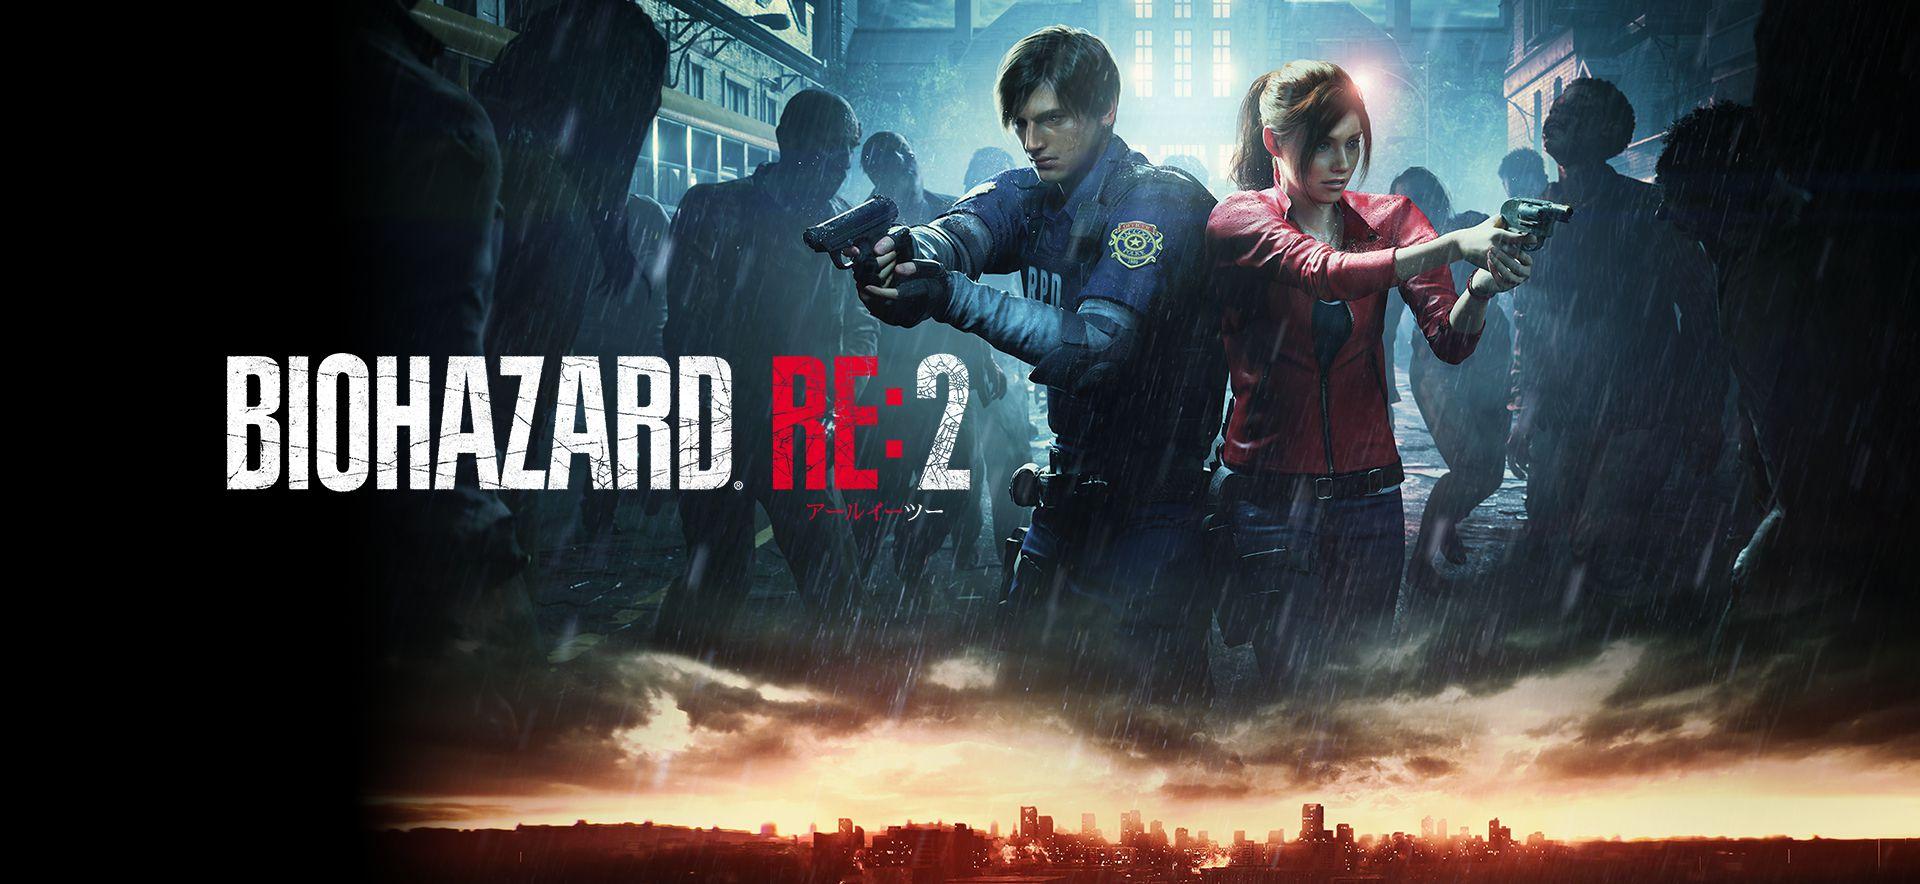 bh2_ttl.jpg - Resident Evil 2